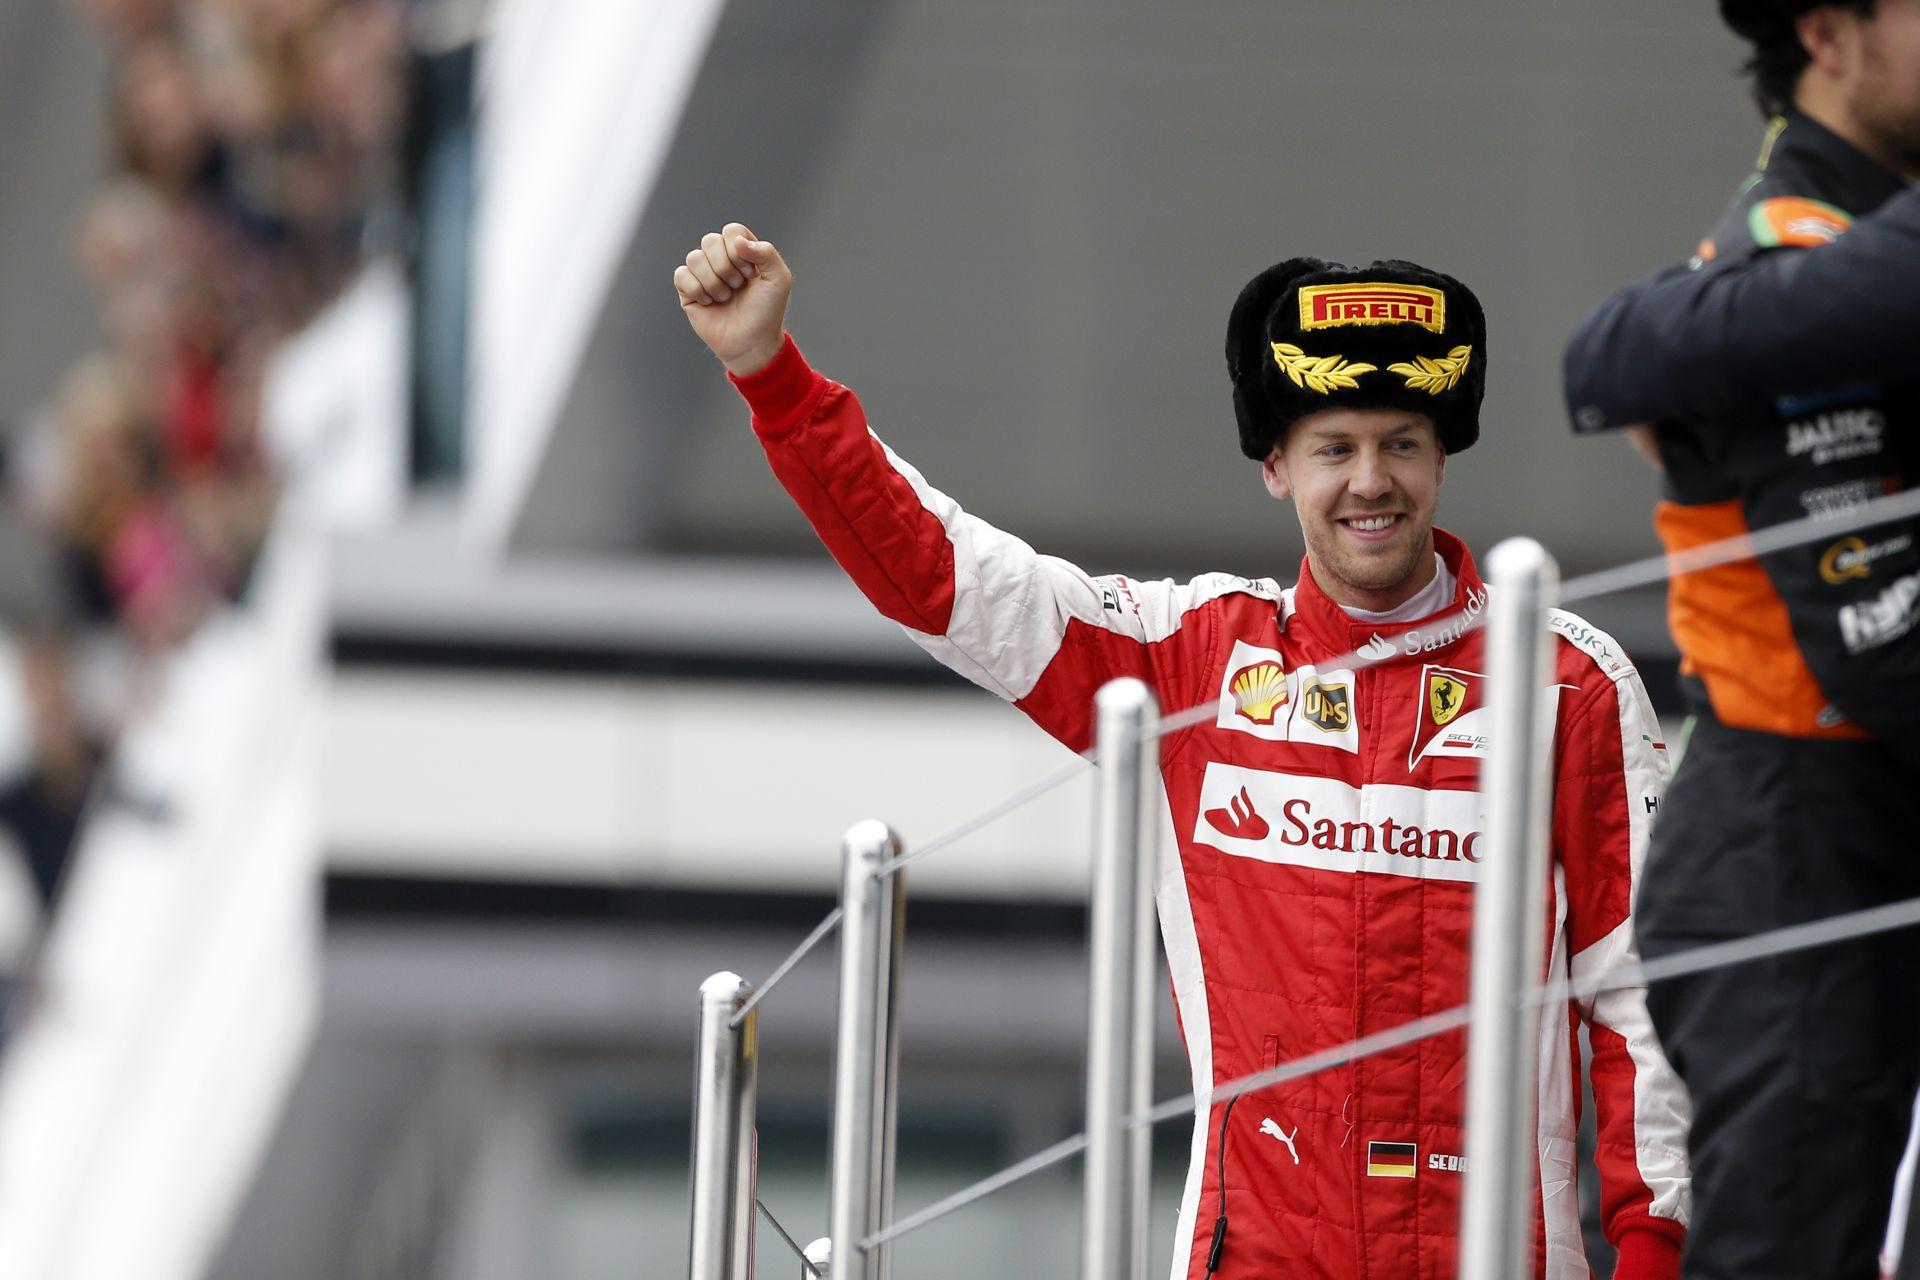 Videón az Orosz Nagyíj dobogós ceremóniája: Vettel, Hamilton és Pérez is nagyon boldog volt!